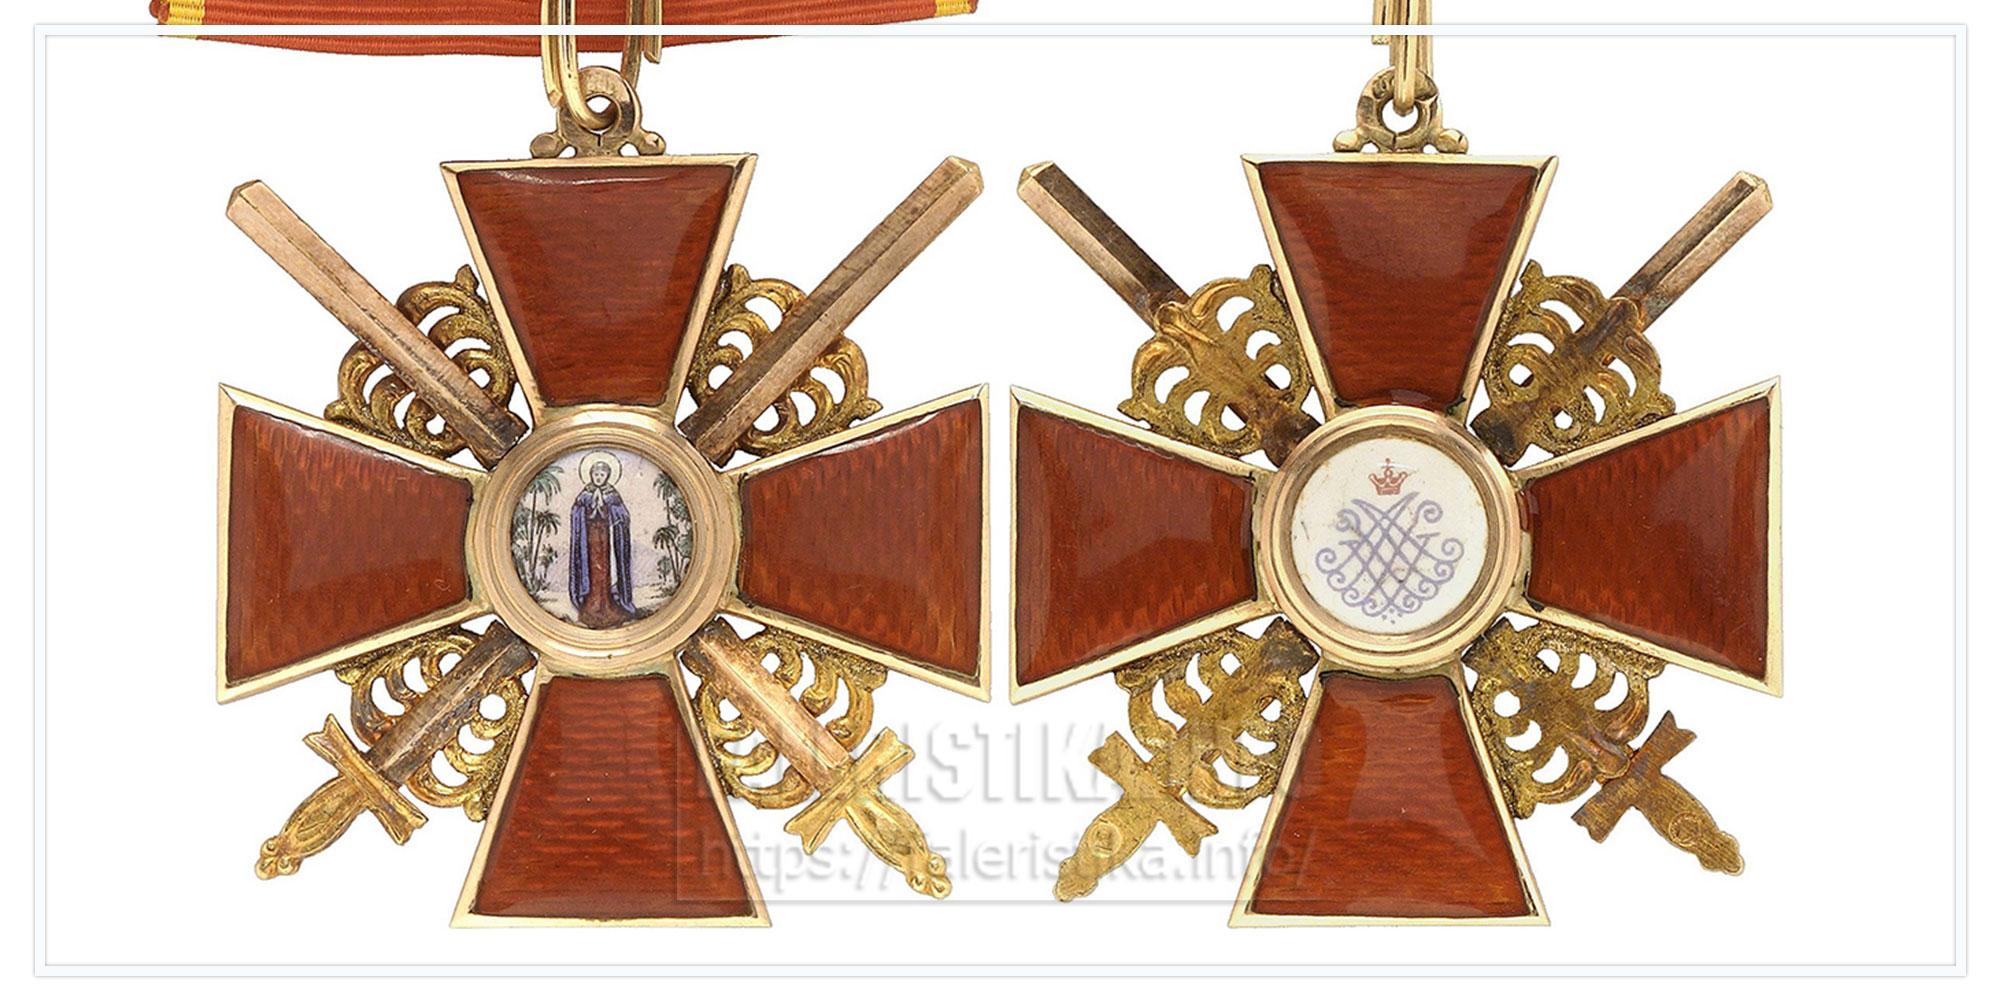 Знак Ордена Св. Анны 3 ст. с мечами